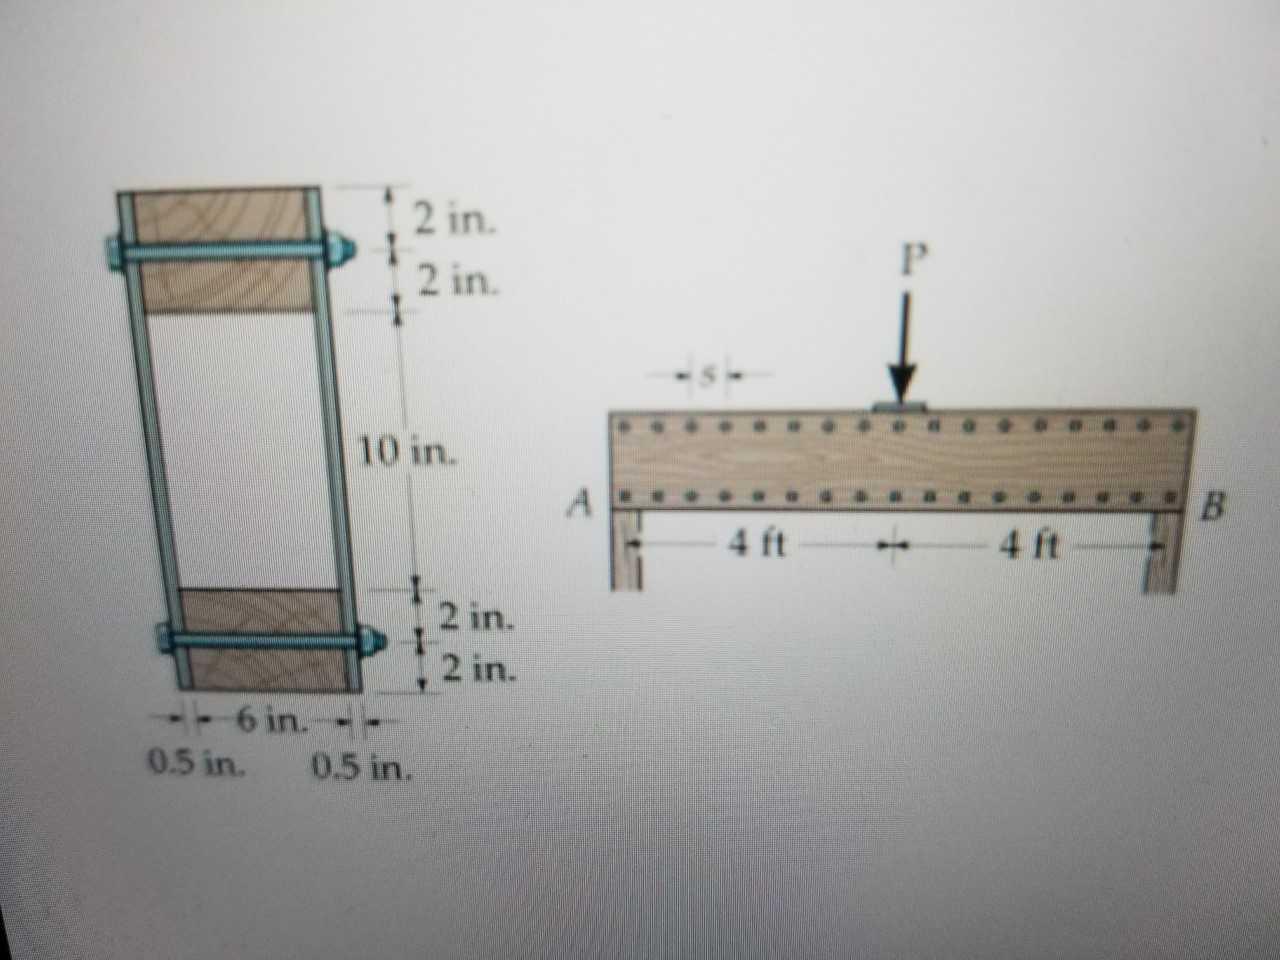 2 in. 2 in. 10 in. ■■**@ 枞蝱蠷少曲. 4 ft 4 ft 2 in. 2 in. 6 in. 0.5 in. 0.5 in.